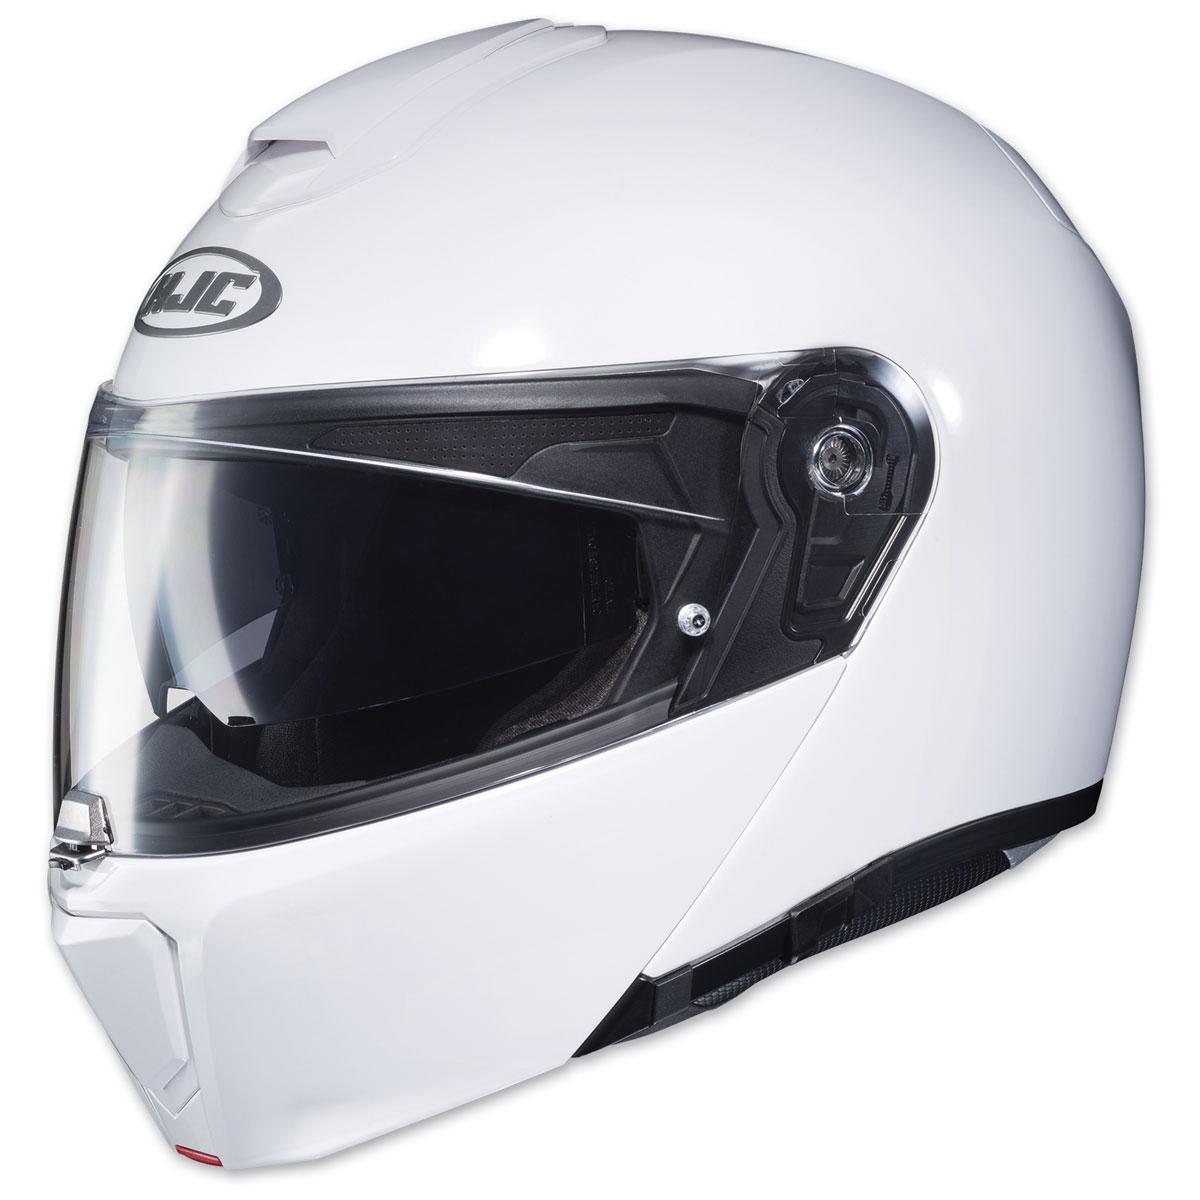 HJC RPHA-90 Gloss White Modular Helmet